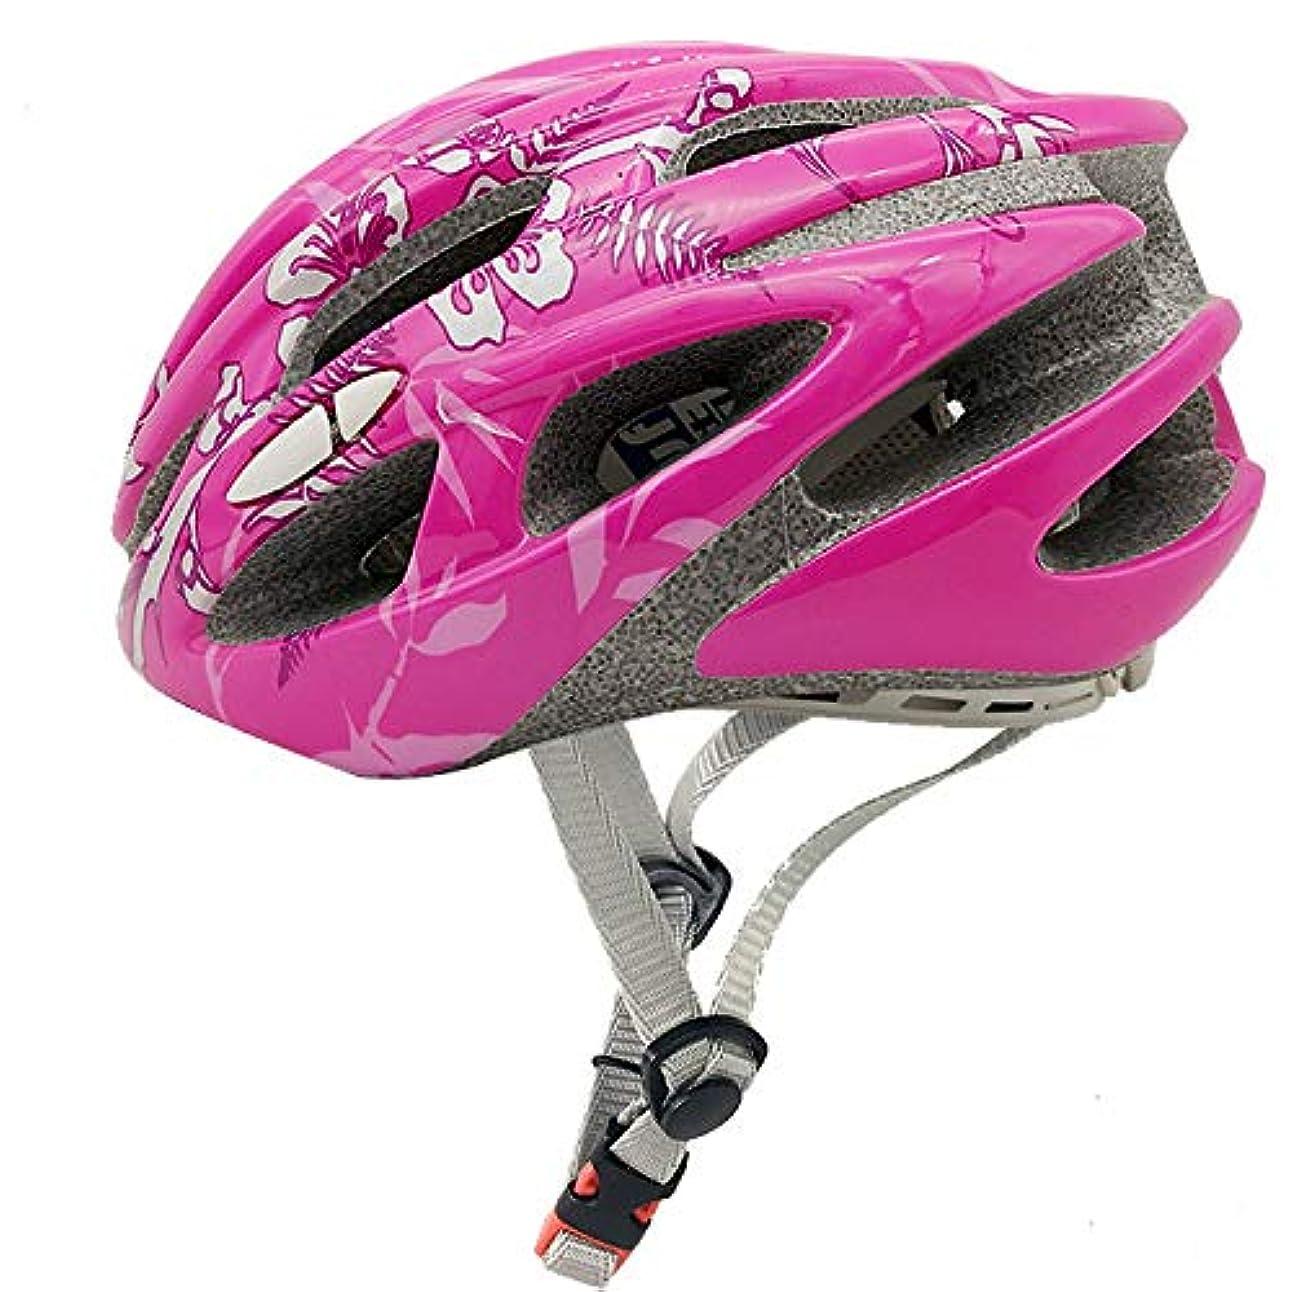 器官コスト数学KUFUN ヘルメット こども用 自転車 軽量 キッズ プロテクター スケート 幼児 小学生 3-12歳